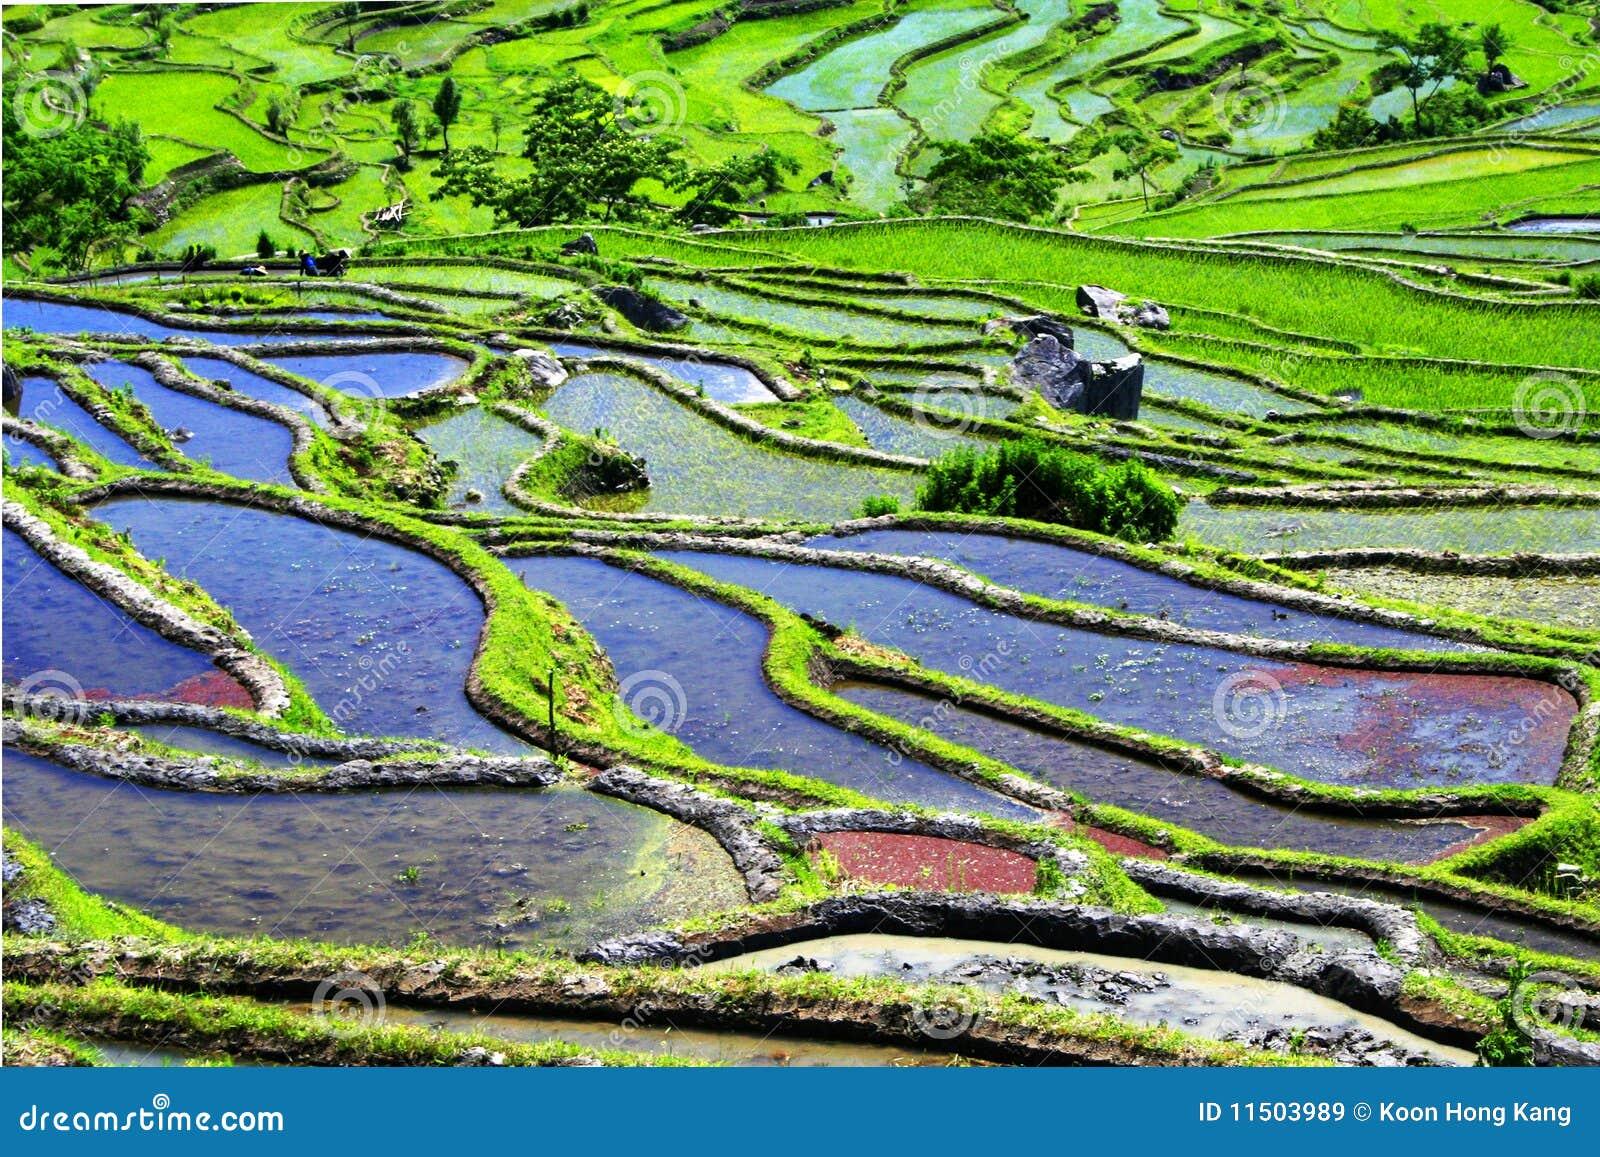 De terrassen van de rijst van yuanyang yunnan china stock afbeelding afbeelding 11503989 - Afbeeldingen van terrassen verwachten ...